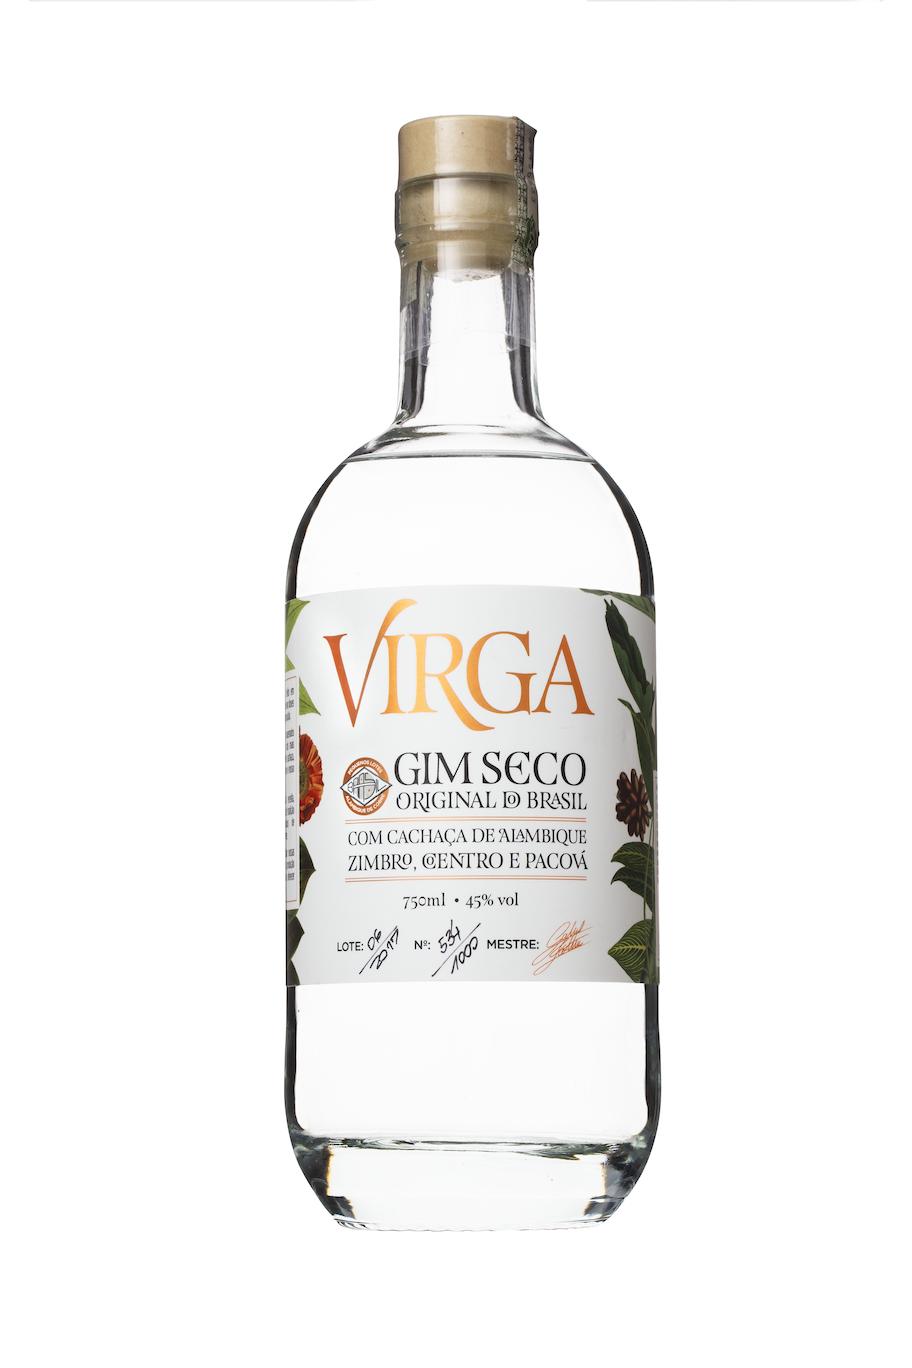 Virga - Gim Seco do Brasil - Compre uma garrafa de Virga, o gim mais brasileiro do mundo,com nossos parceiros do GinFest.com.br